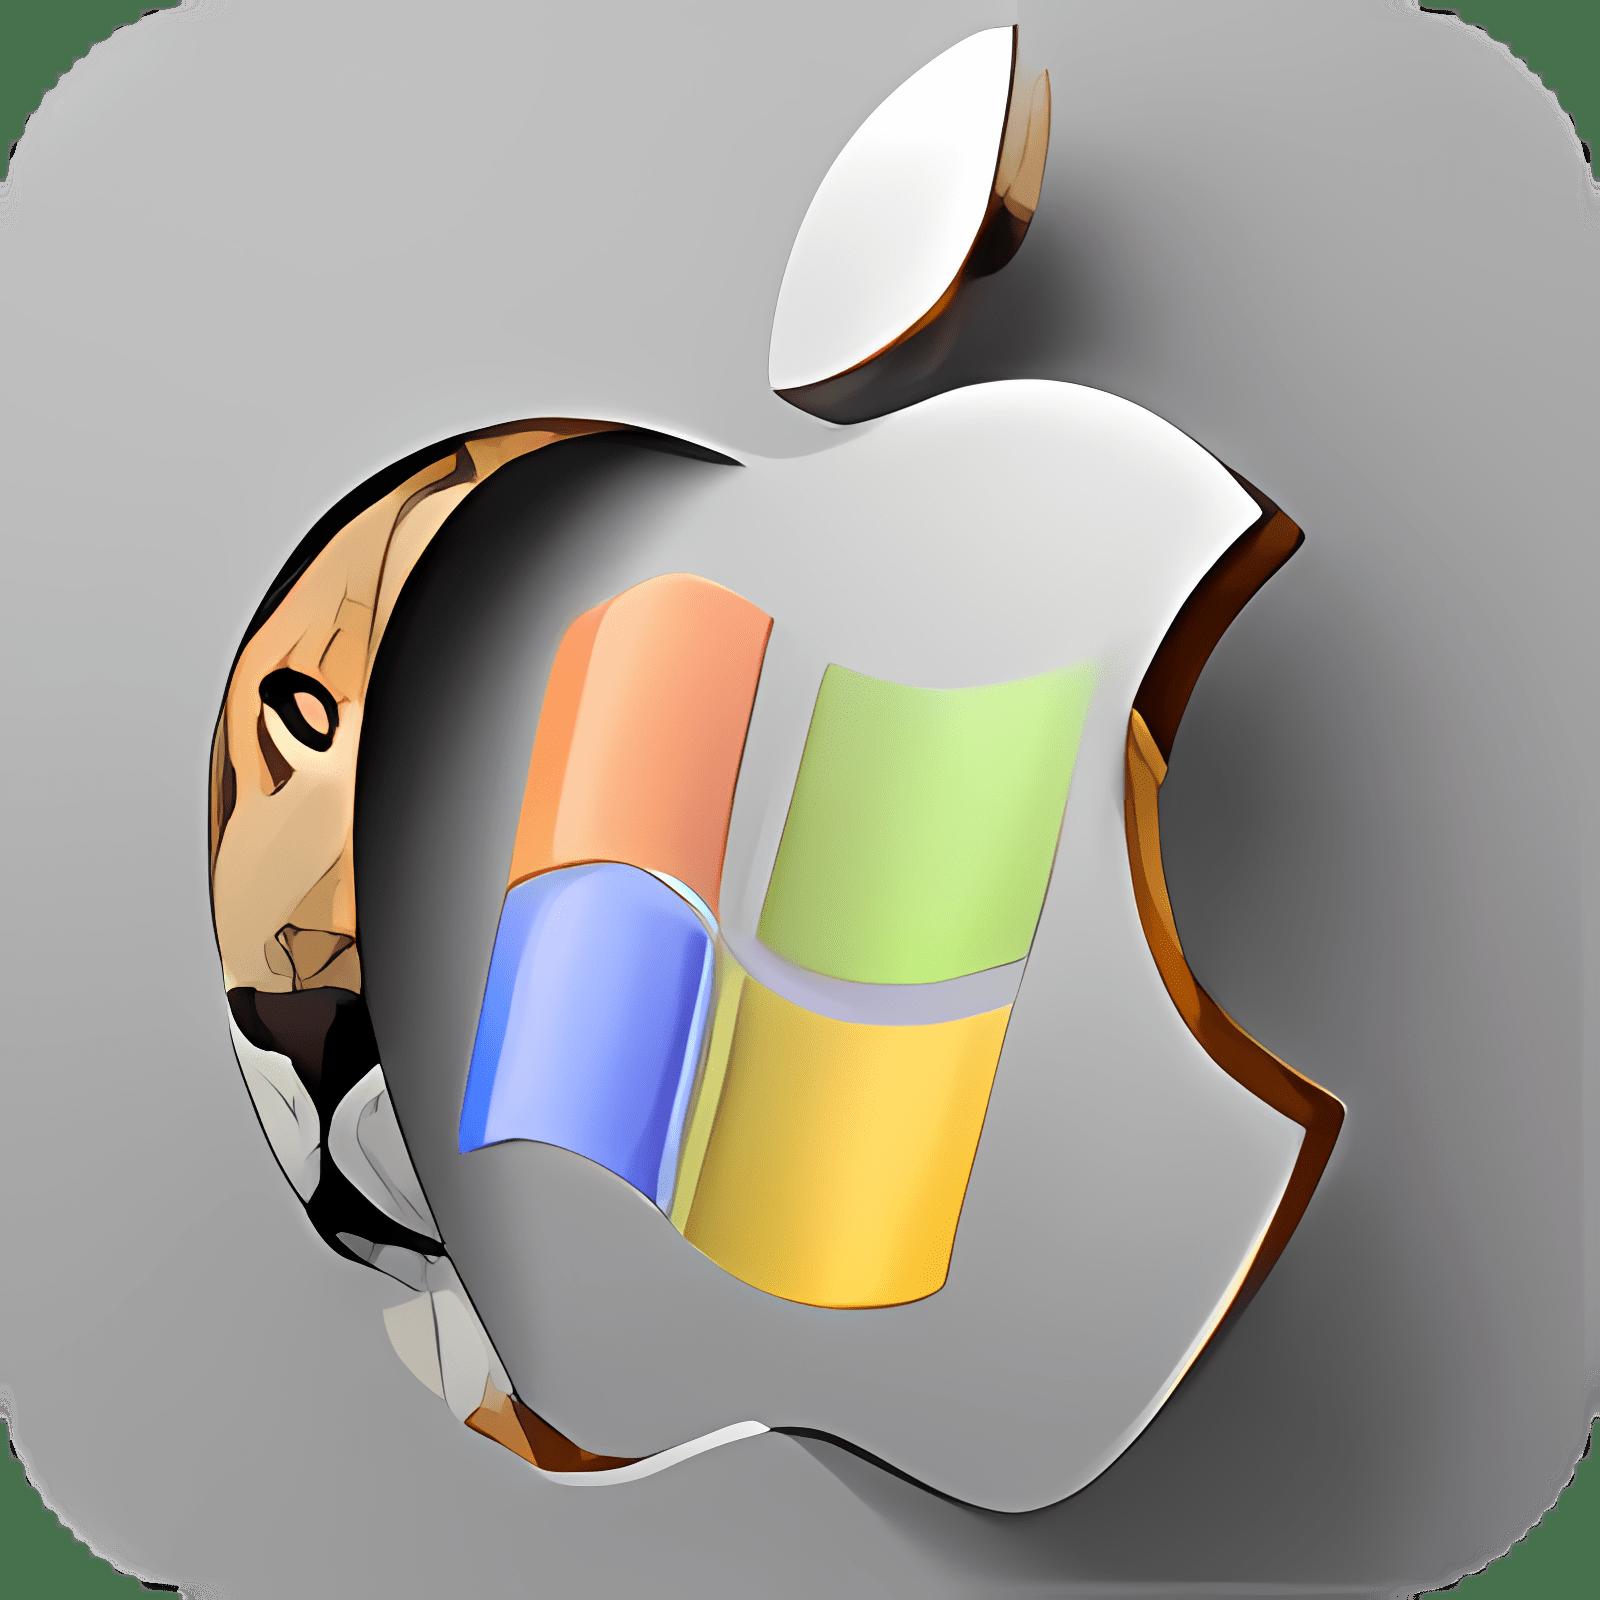 Mac OS X Lion Skin Pack per Windows 7 13